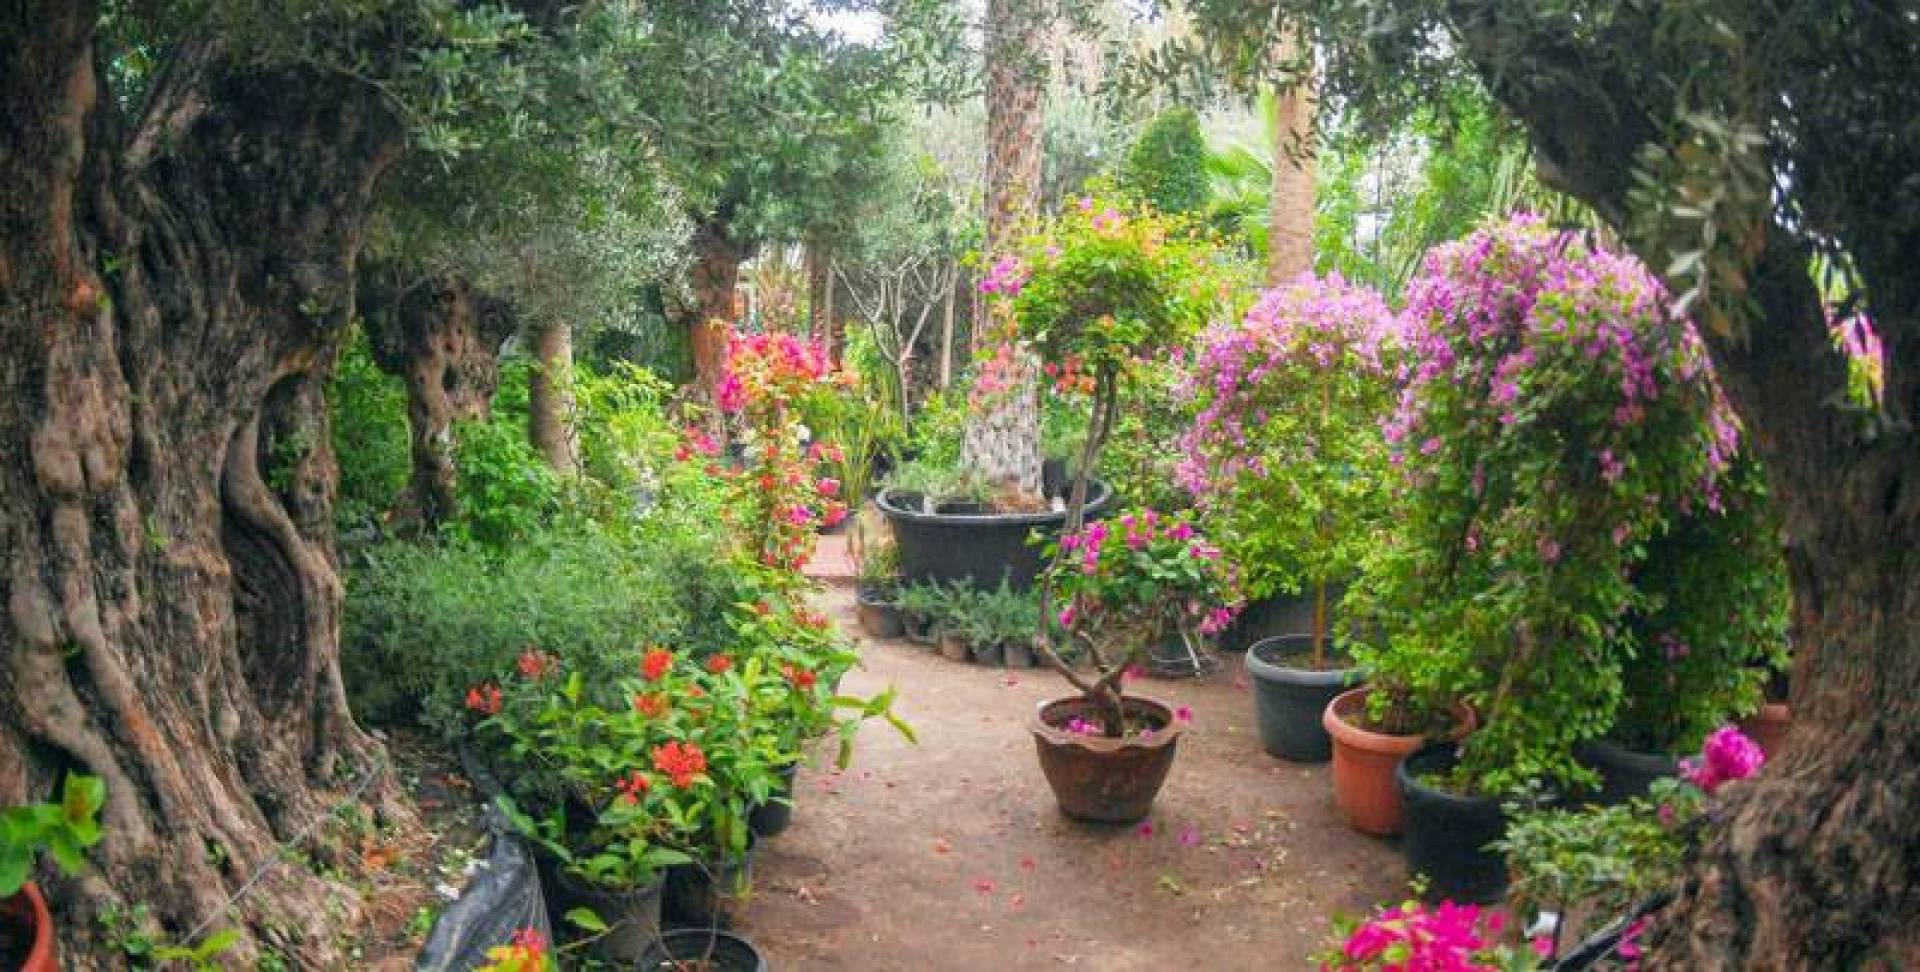 مبيعات الزهور والنباتات تعافت في اكتوبر الماضي (تصوير: محمود الفوريكي)